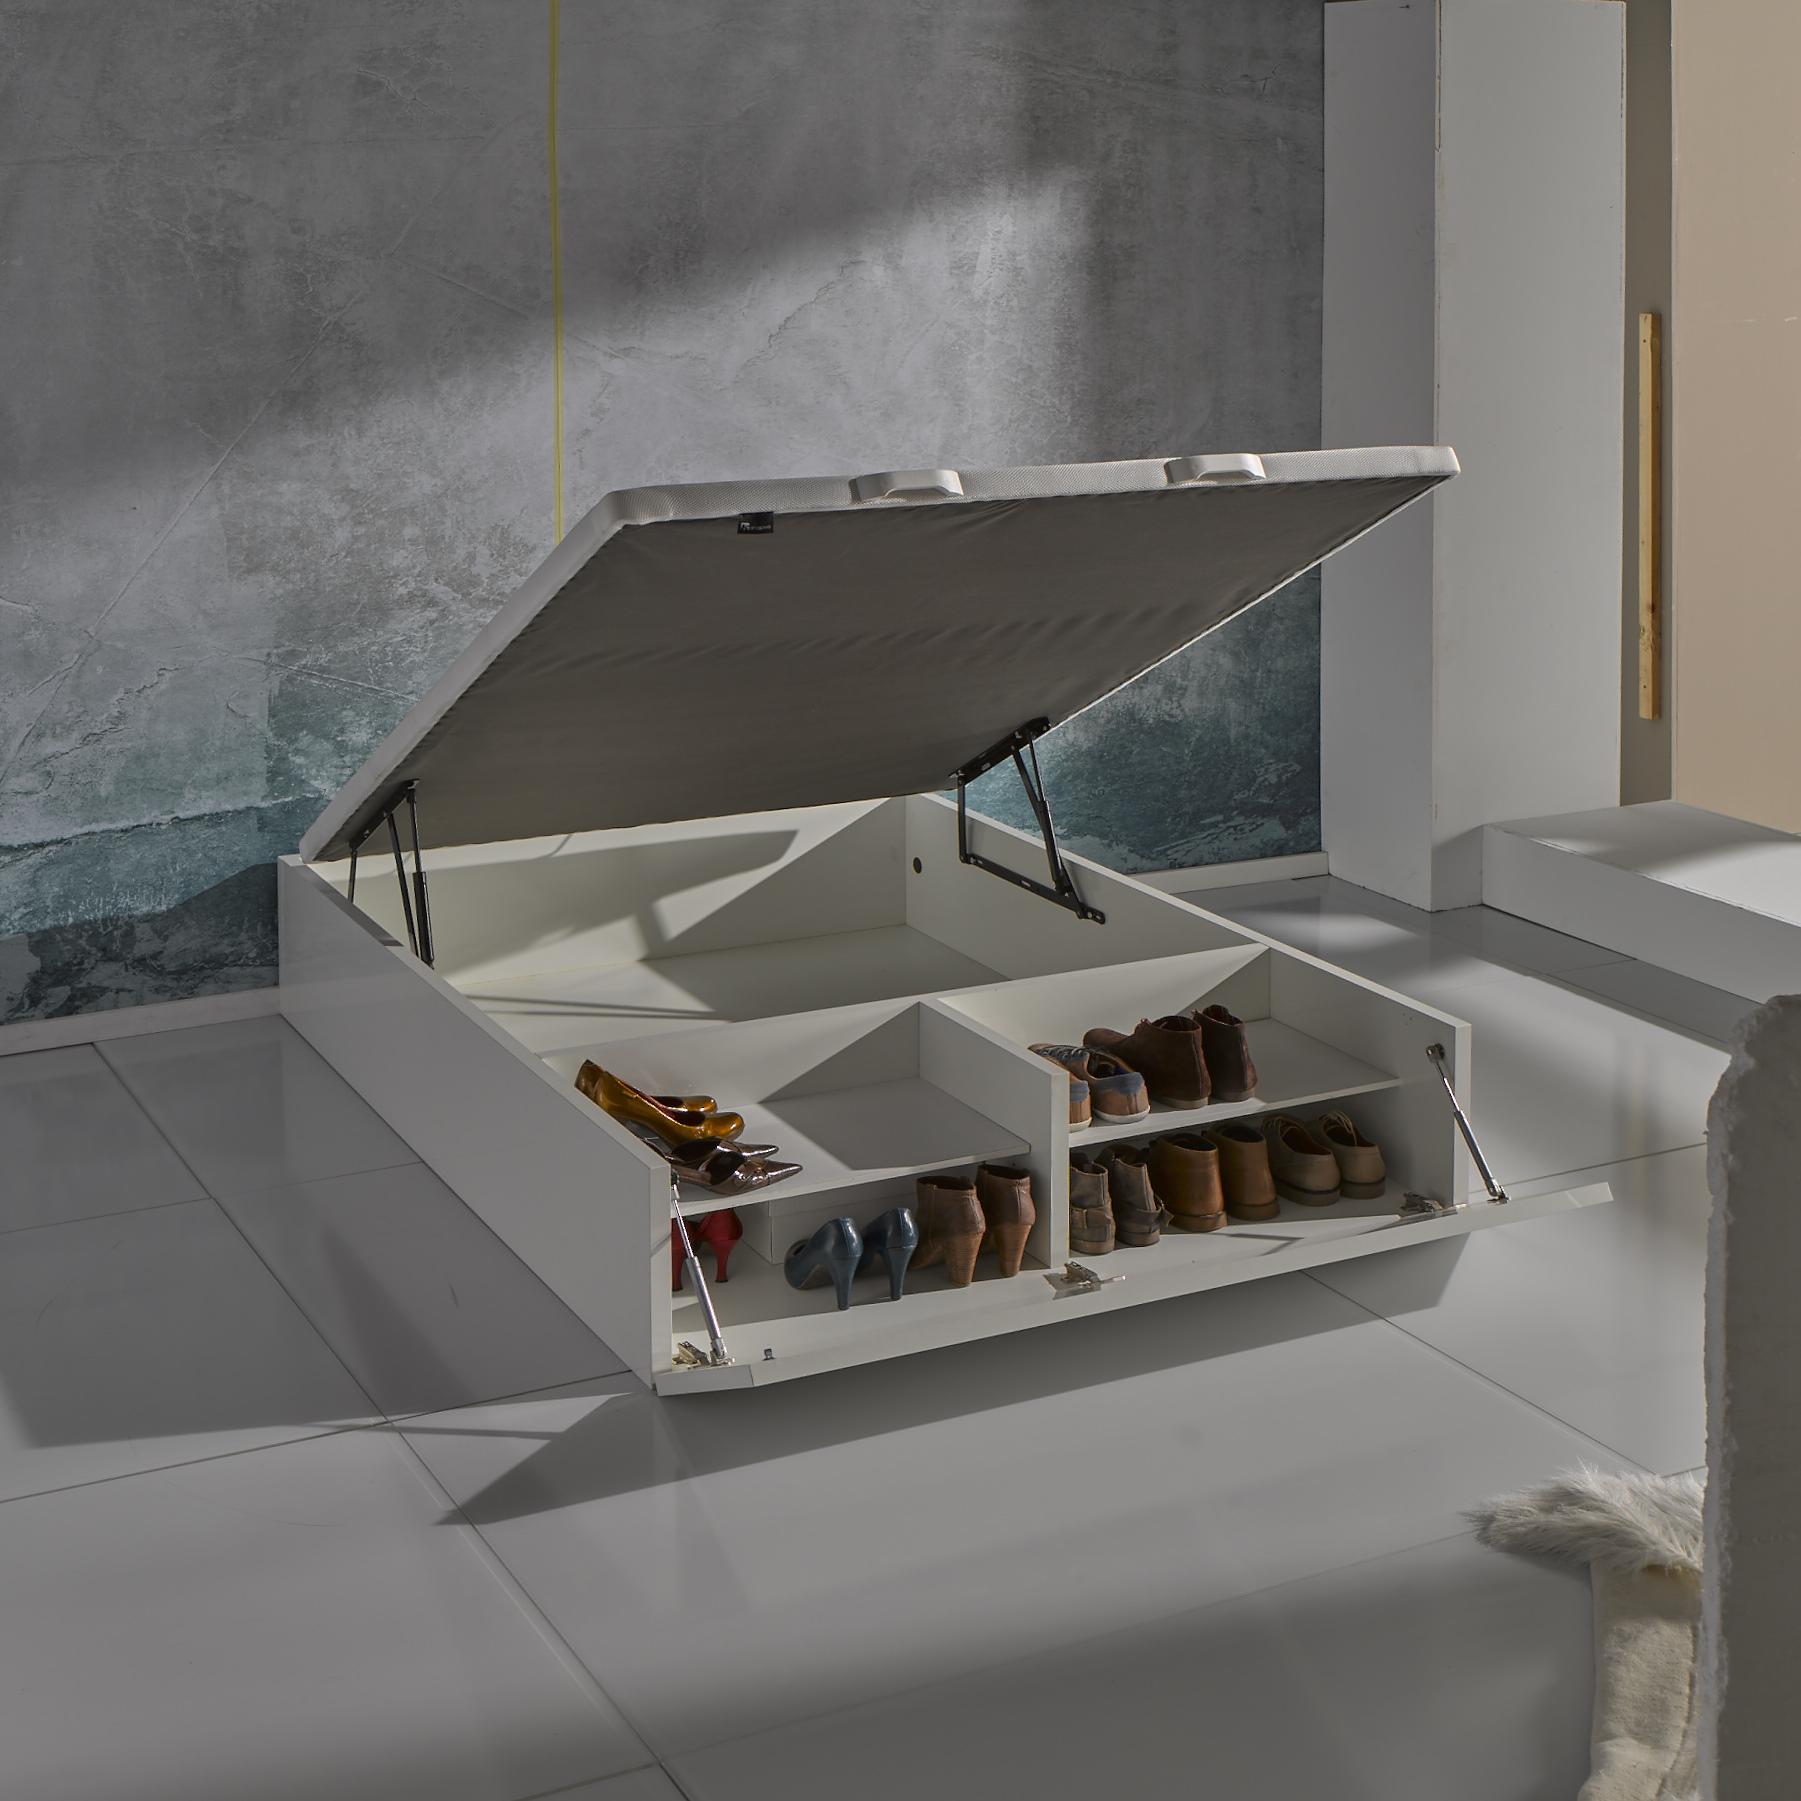 Una cama con canap para optimizar el espacio for Que es un canape mueble